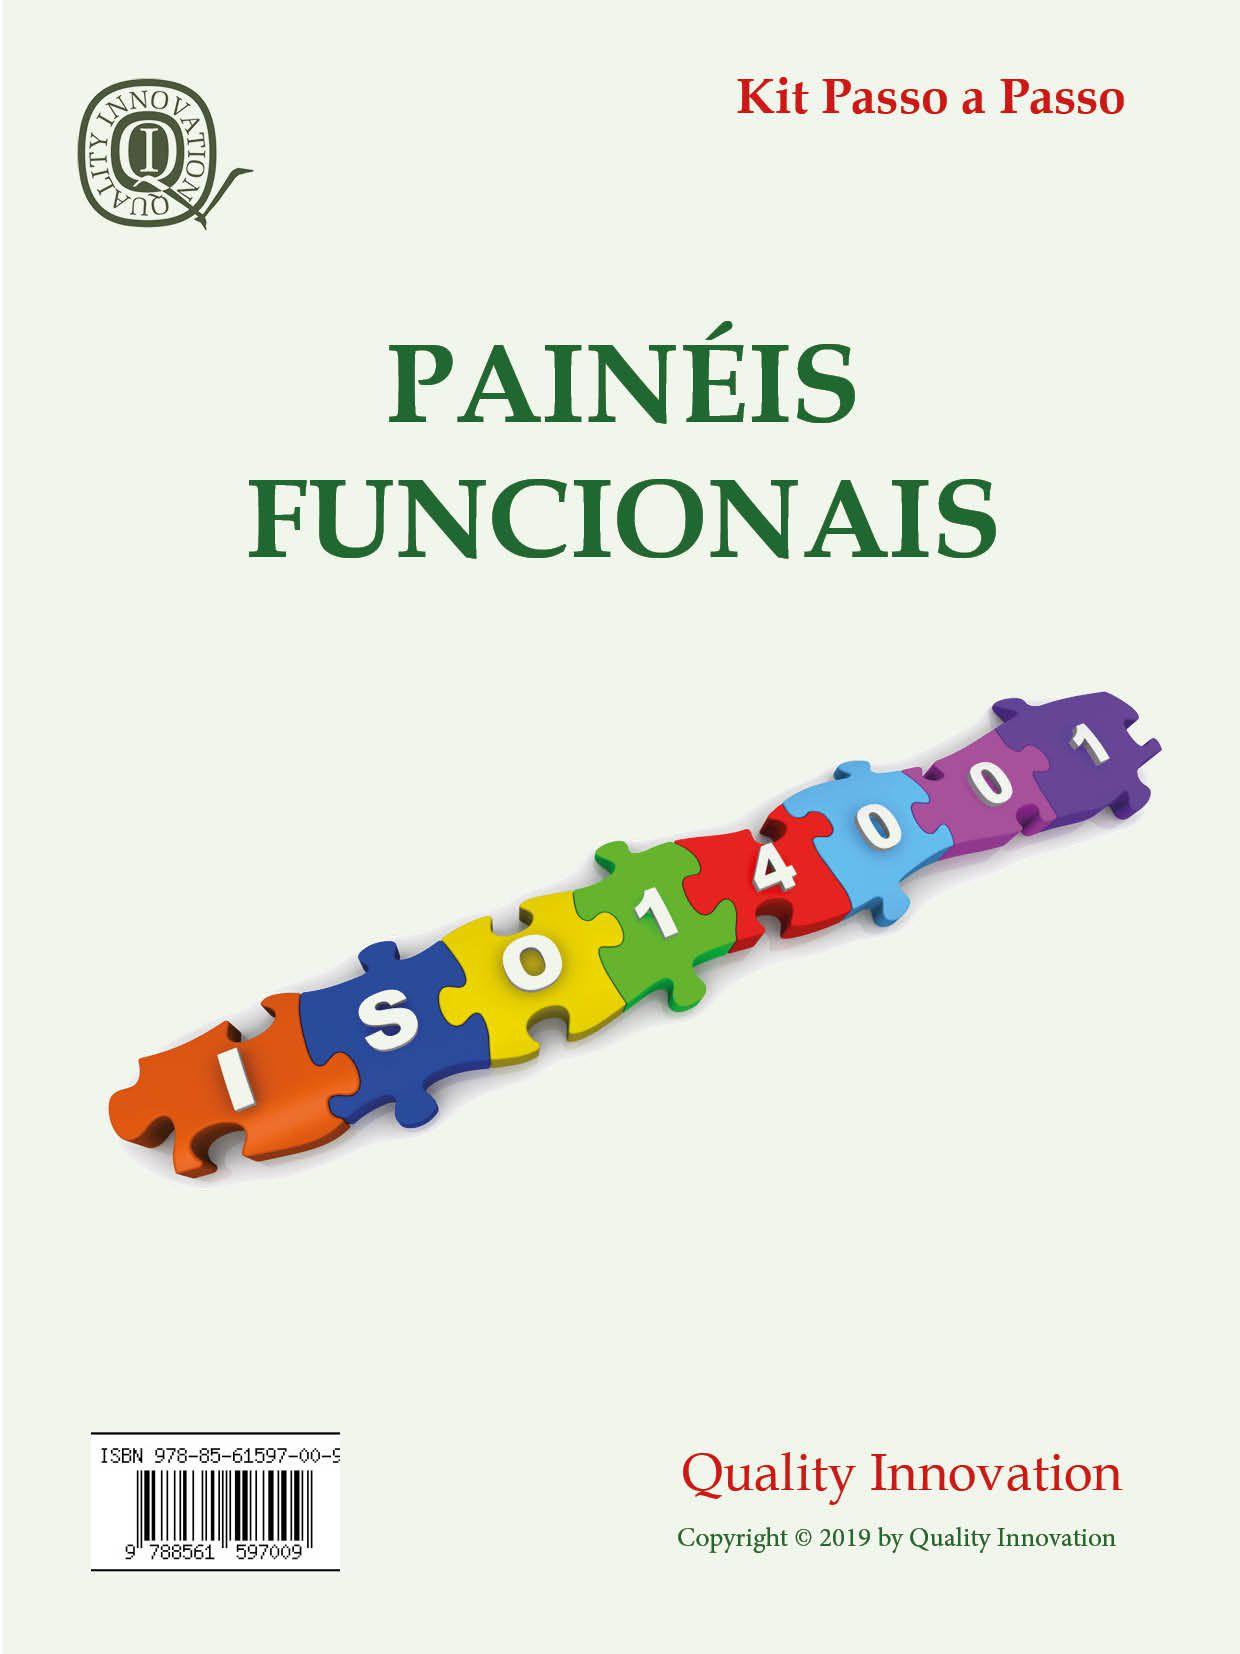 Painéis Funcionais da norma ISO 14001  - www.qualistore.net.br